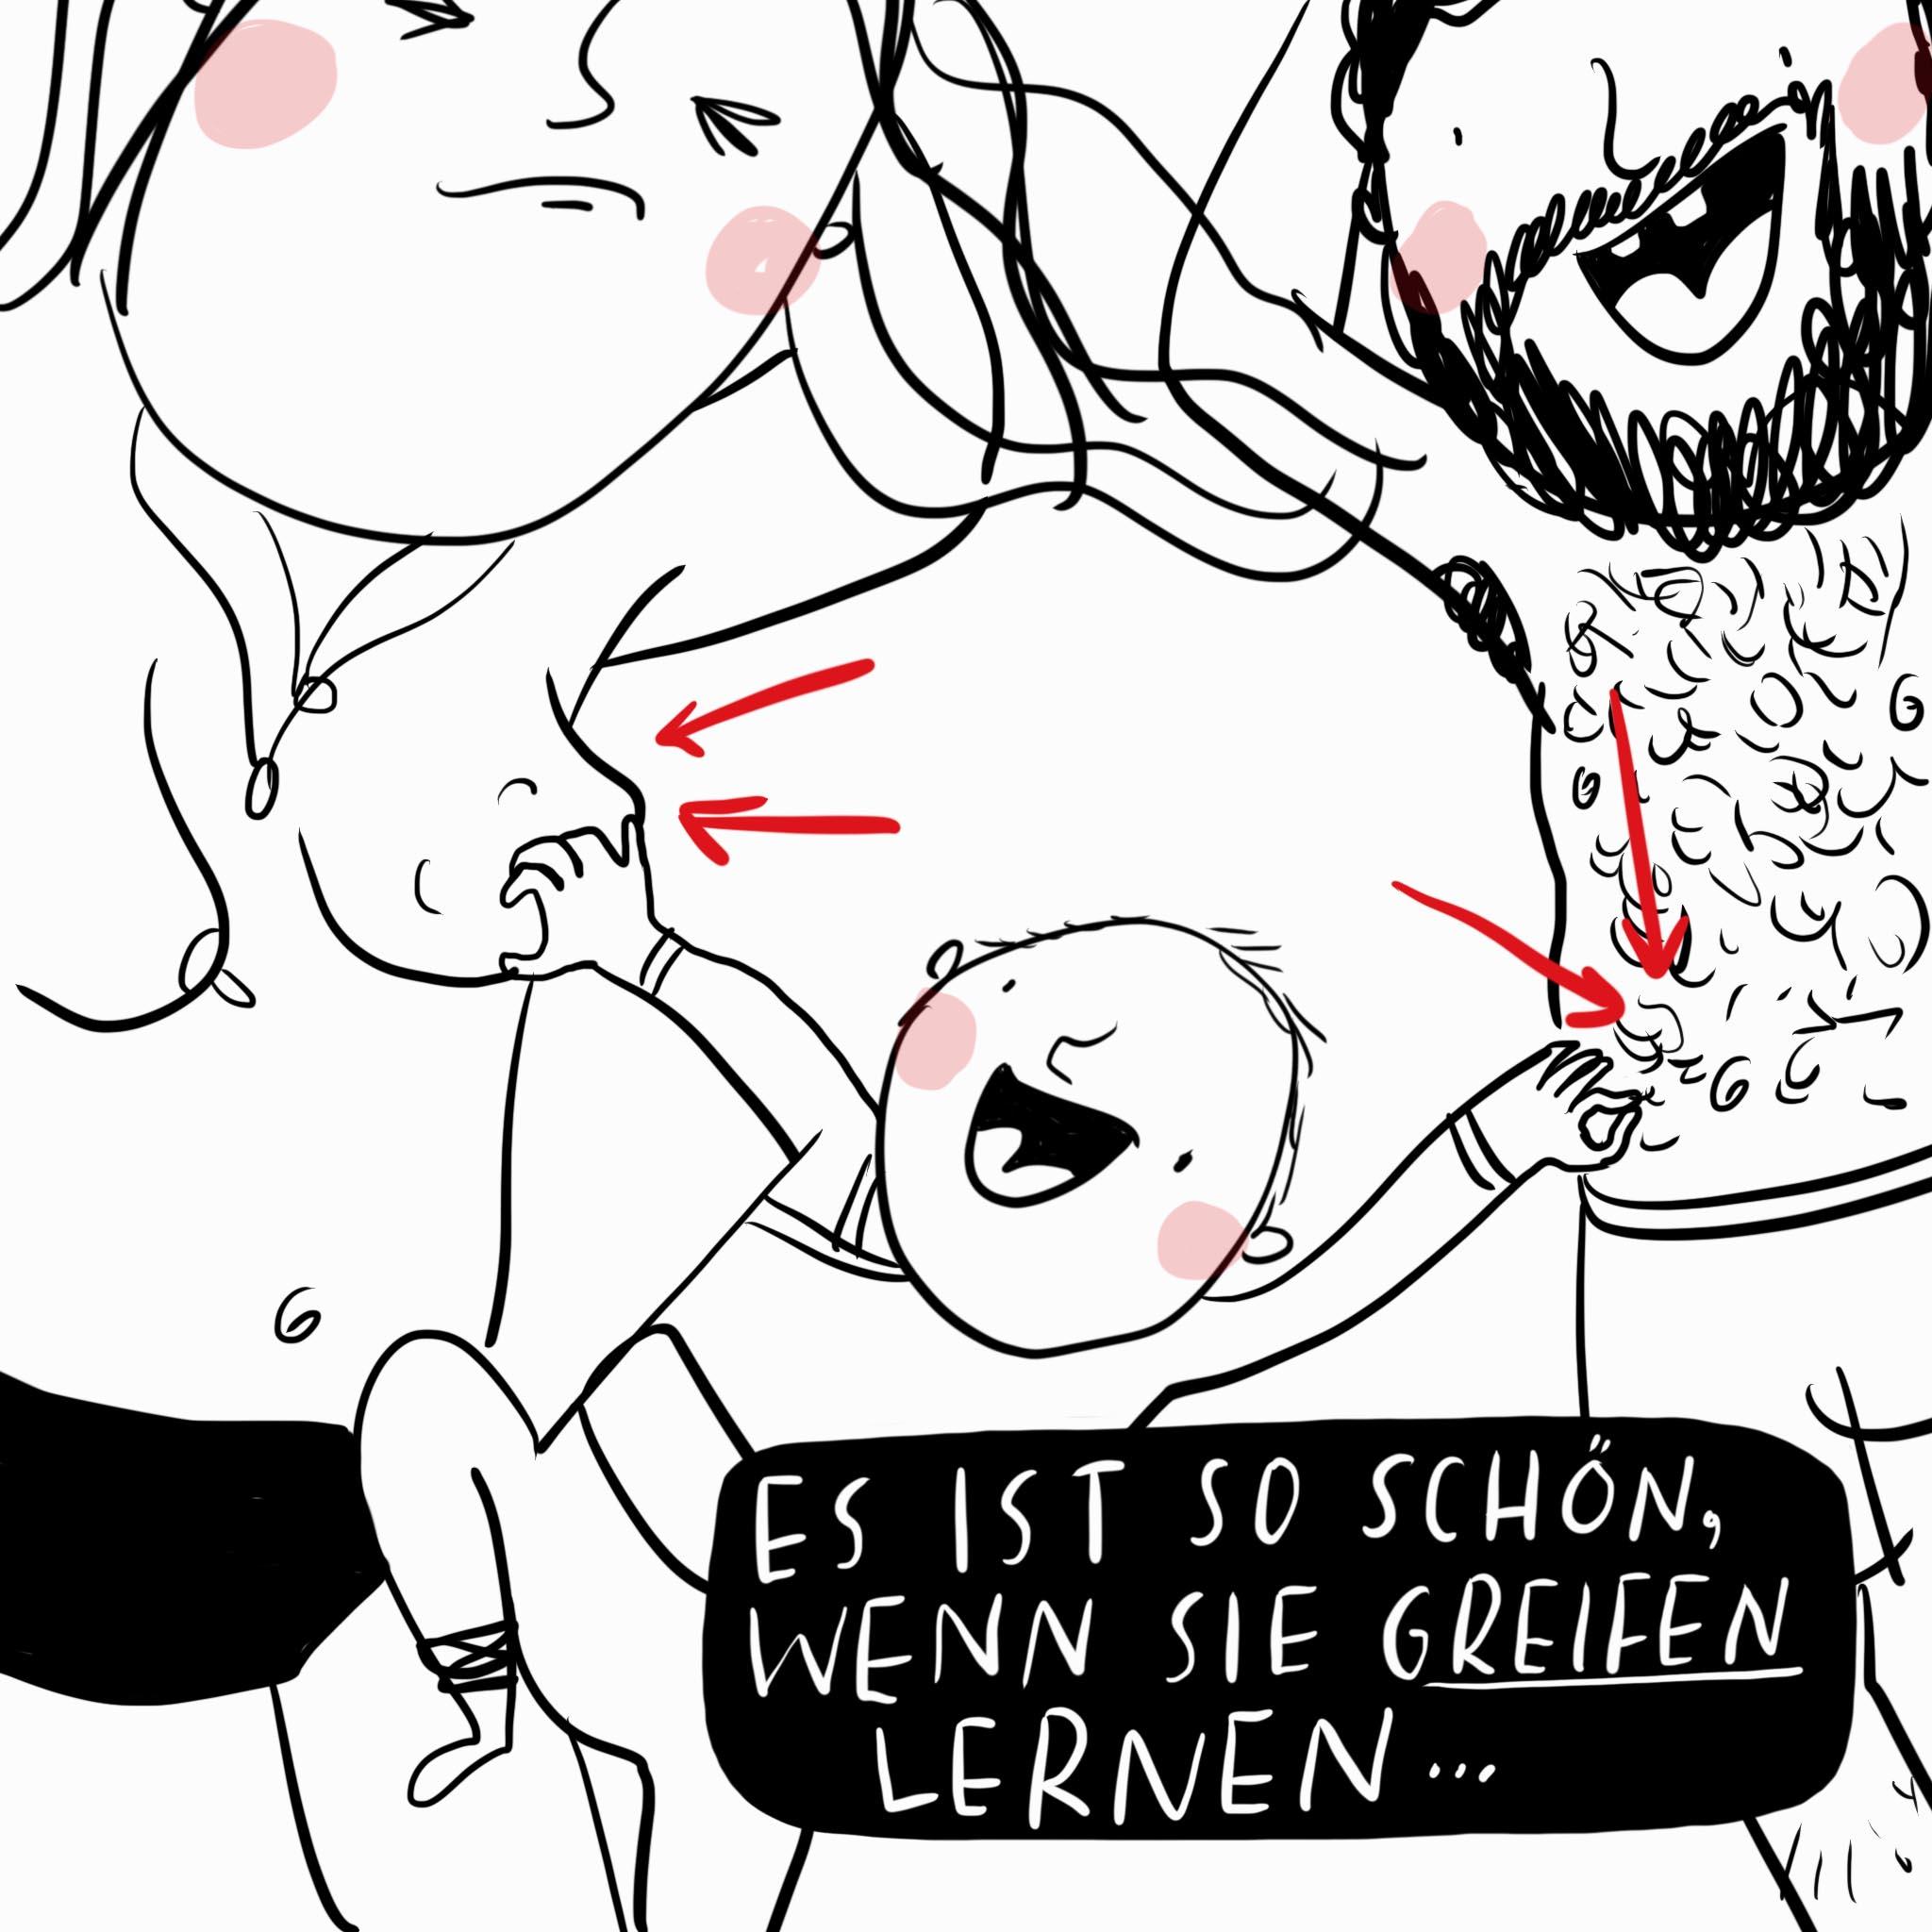 greifen-lernen_frolleinmotte_03.jpg